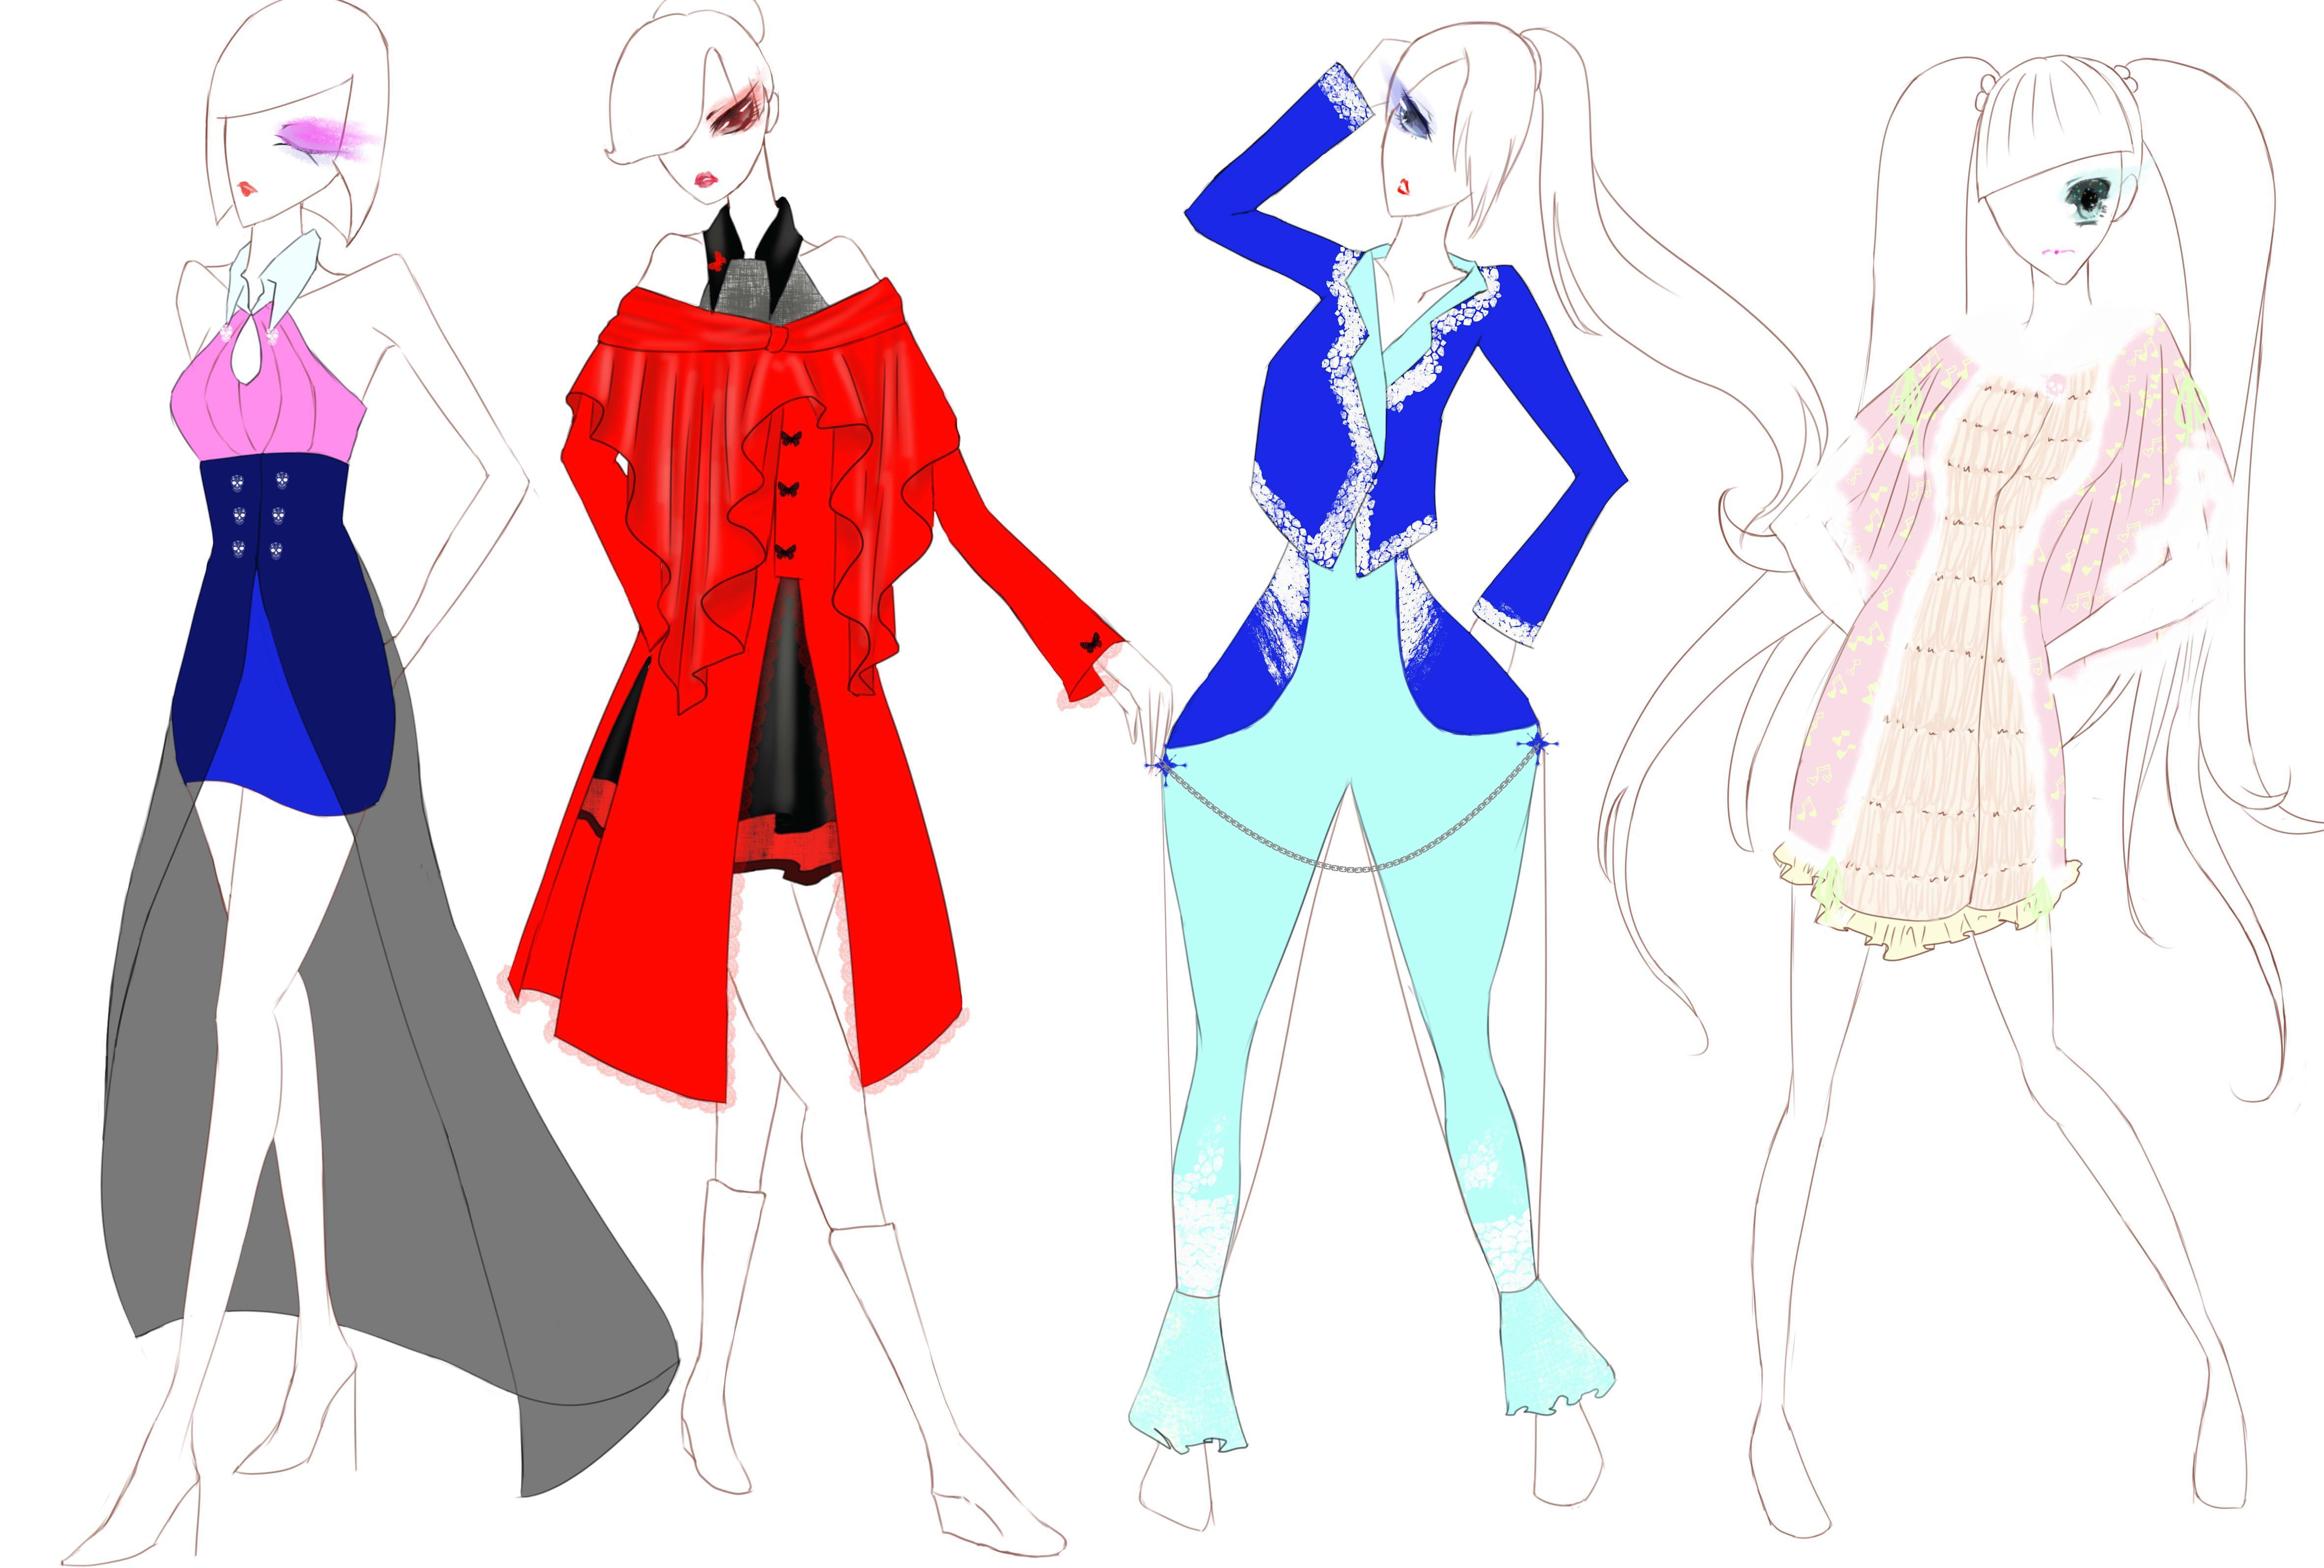 静色-大赛作品设计-服装设计